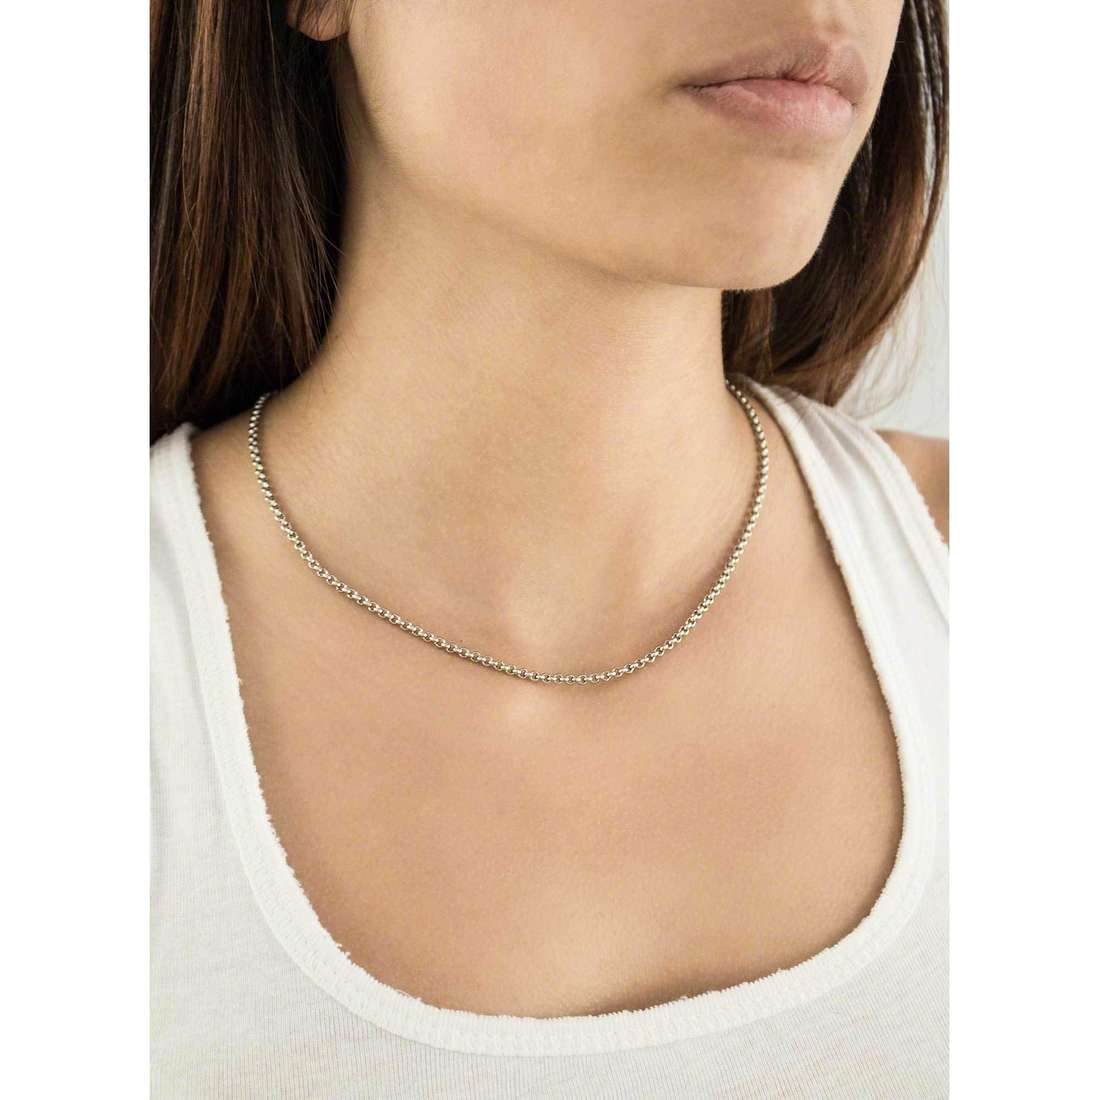 Morellato collane Drops donna SCZX3 indosso